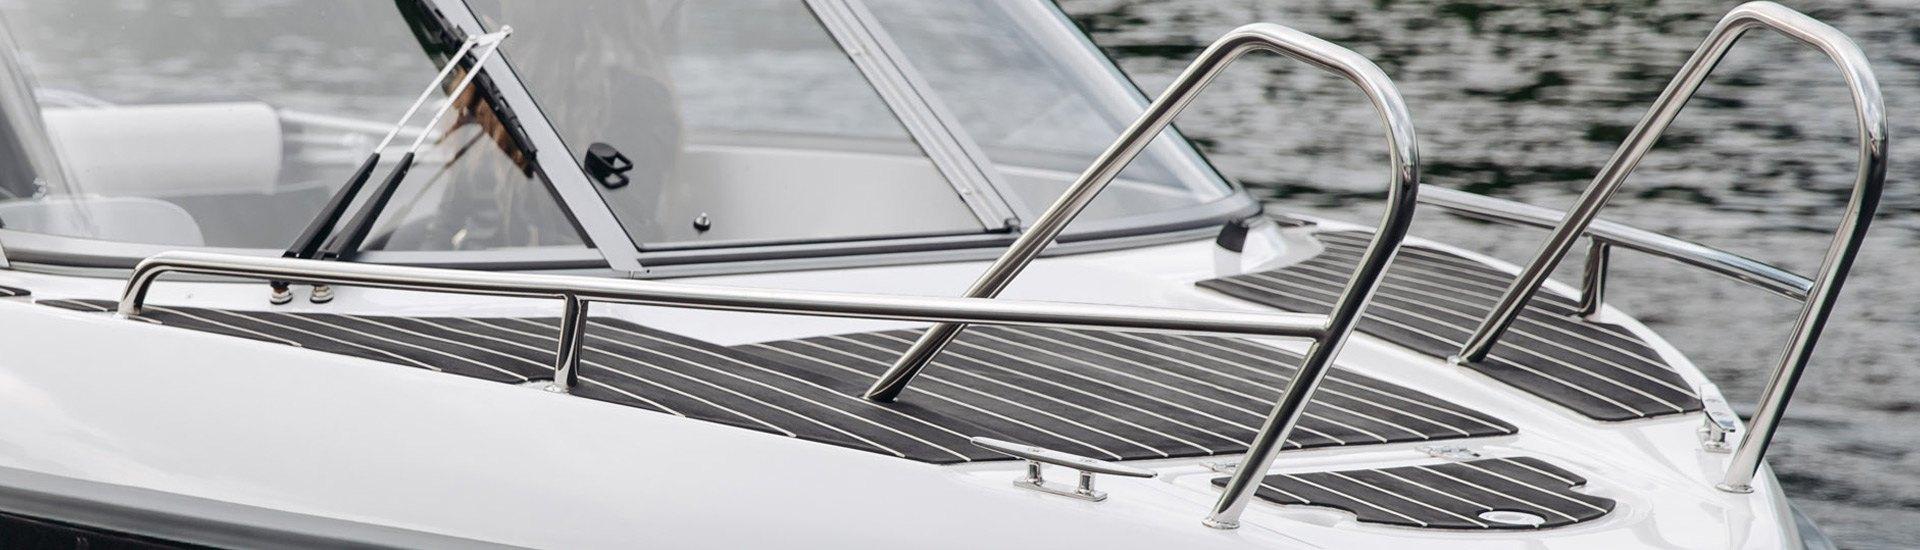 Boat Tubing & Handrails | Grab Handles, Post Caps, Elbows